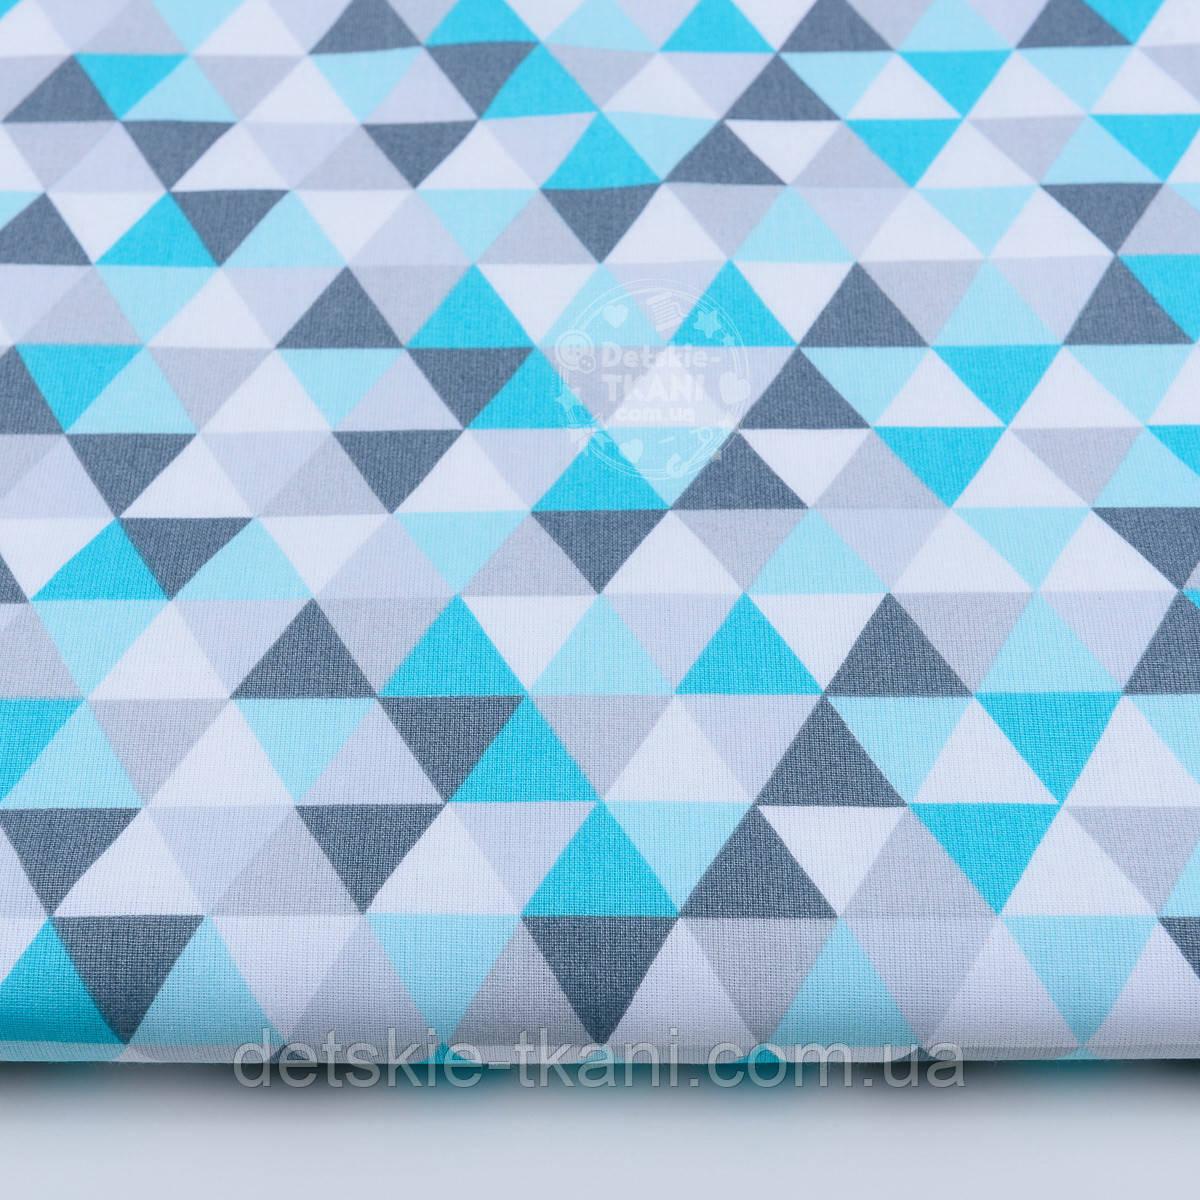 Ткань хлопковая с бирюзовыми и серыми треугольниками 25 мм, №1293